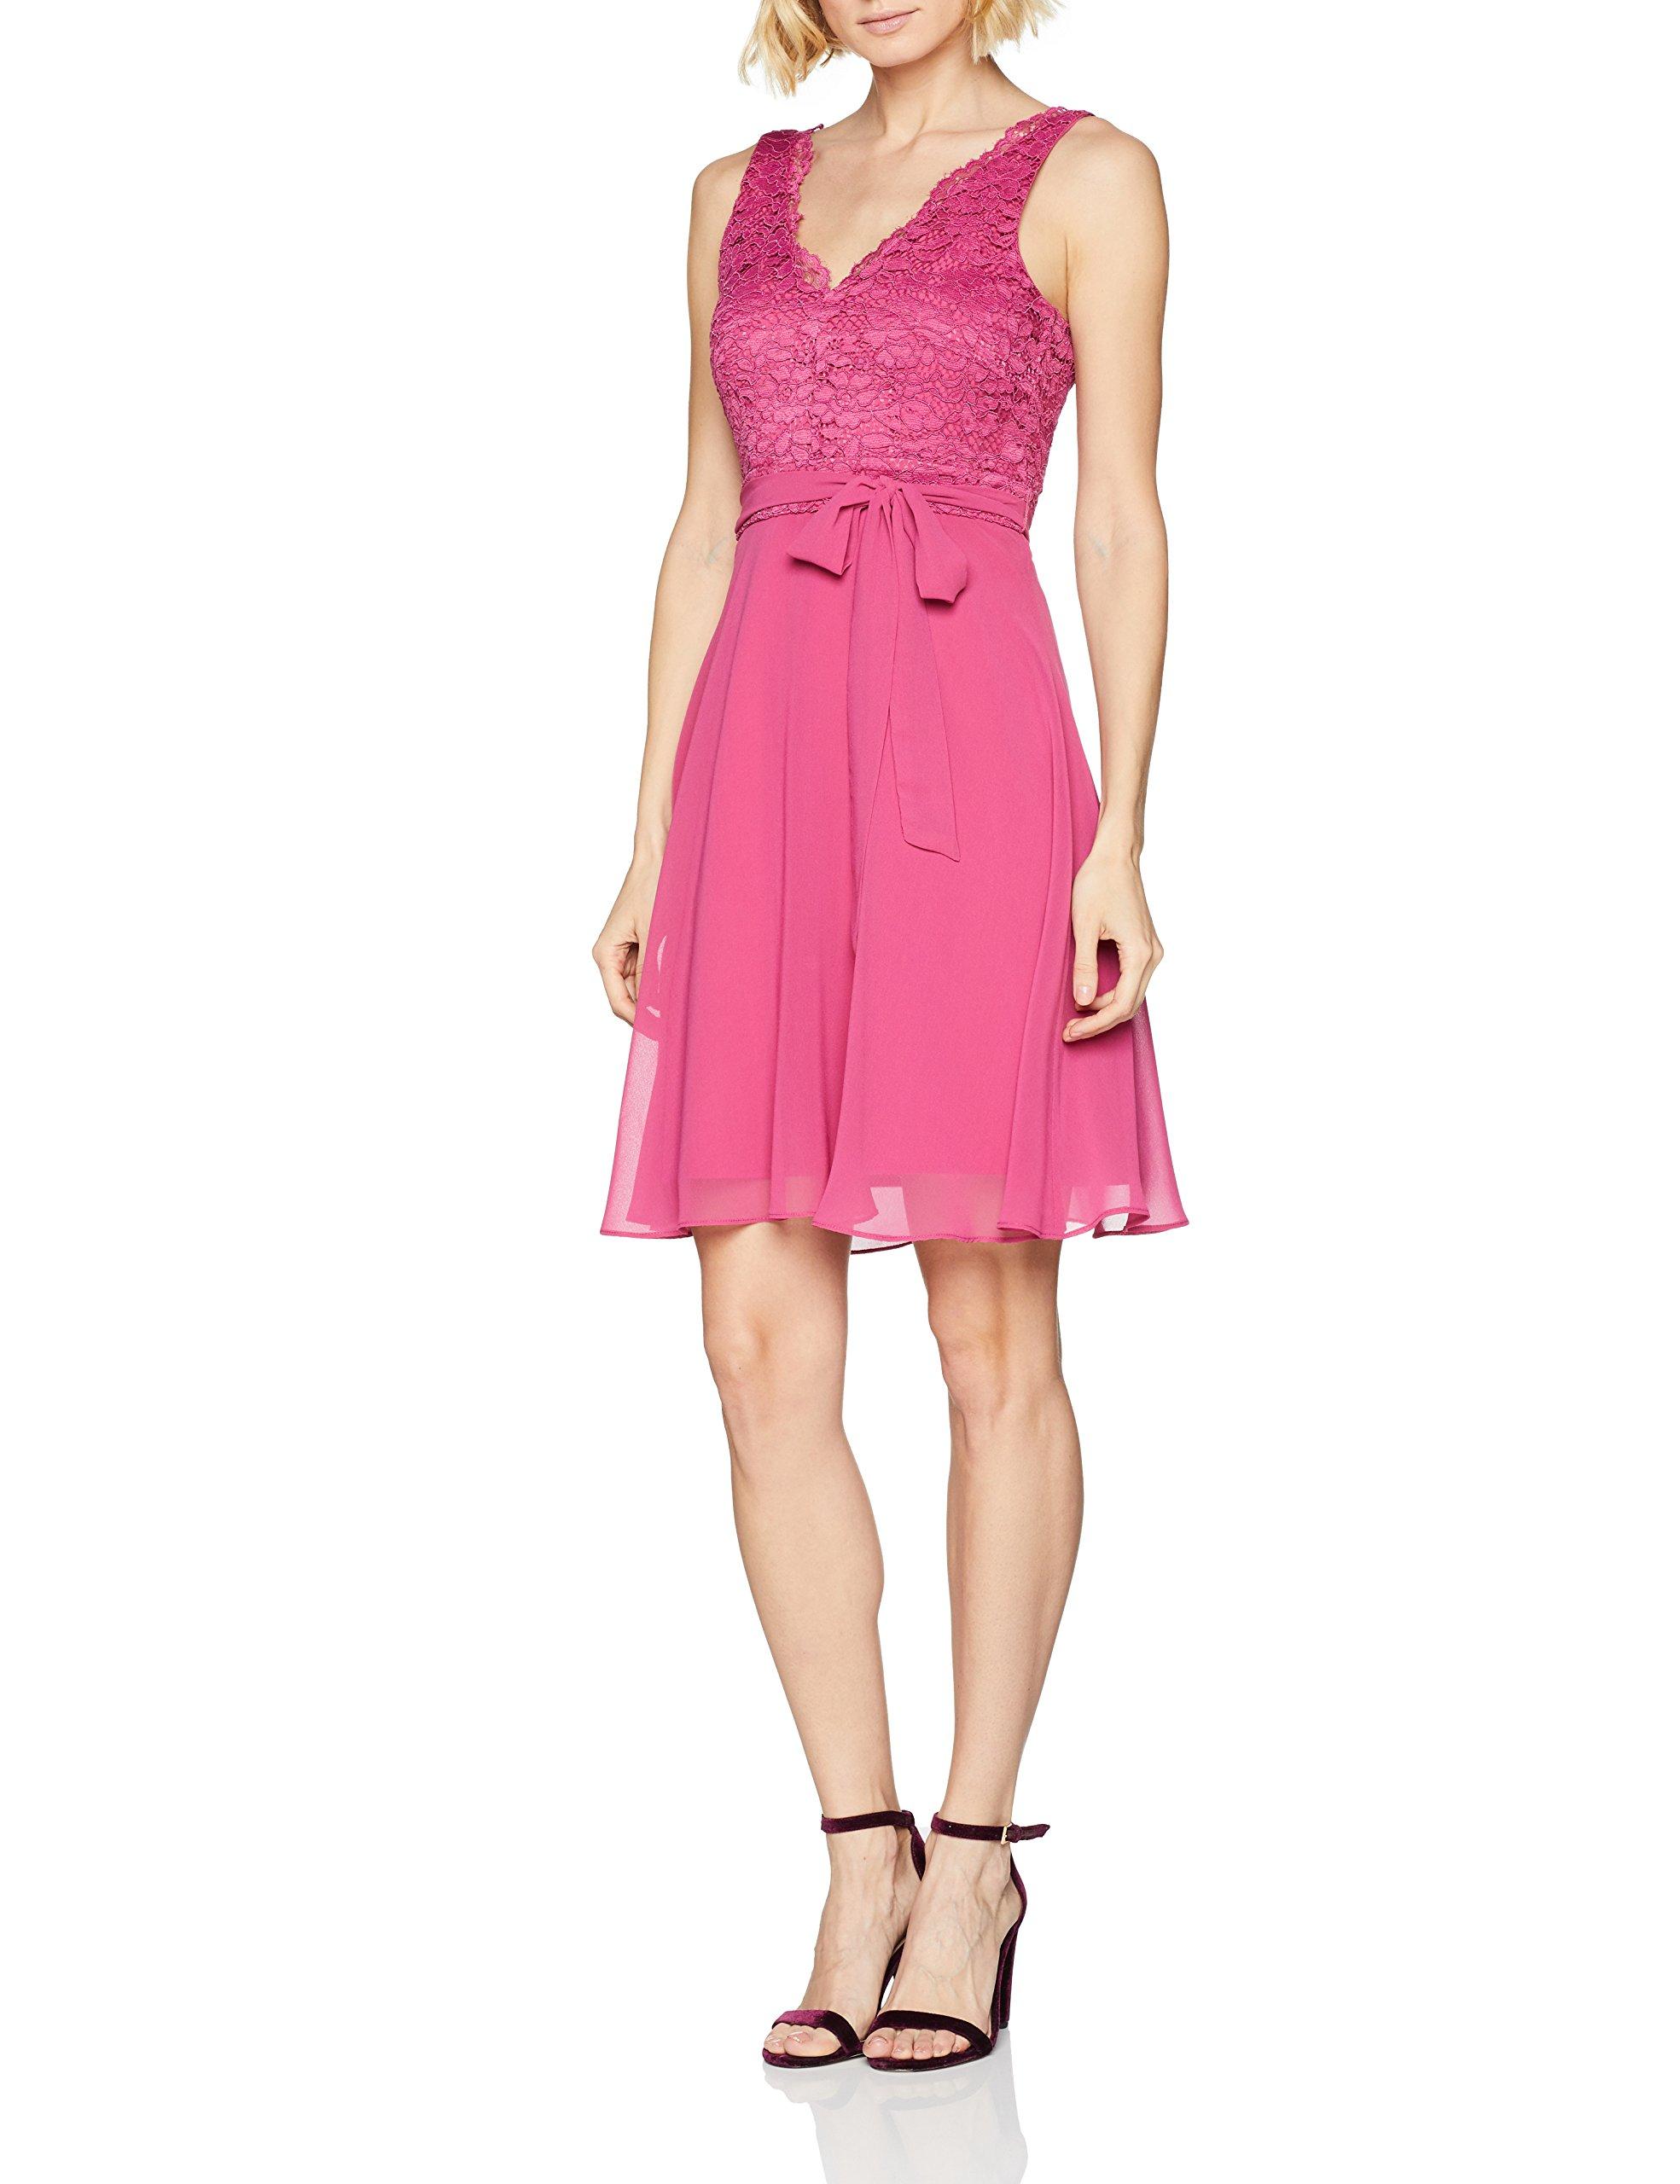 65042taille RobeRosedark Collection Pink Fabricant40Femme 048eo1e029 Esprit cJTlK1F